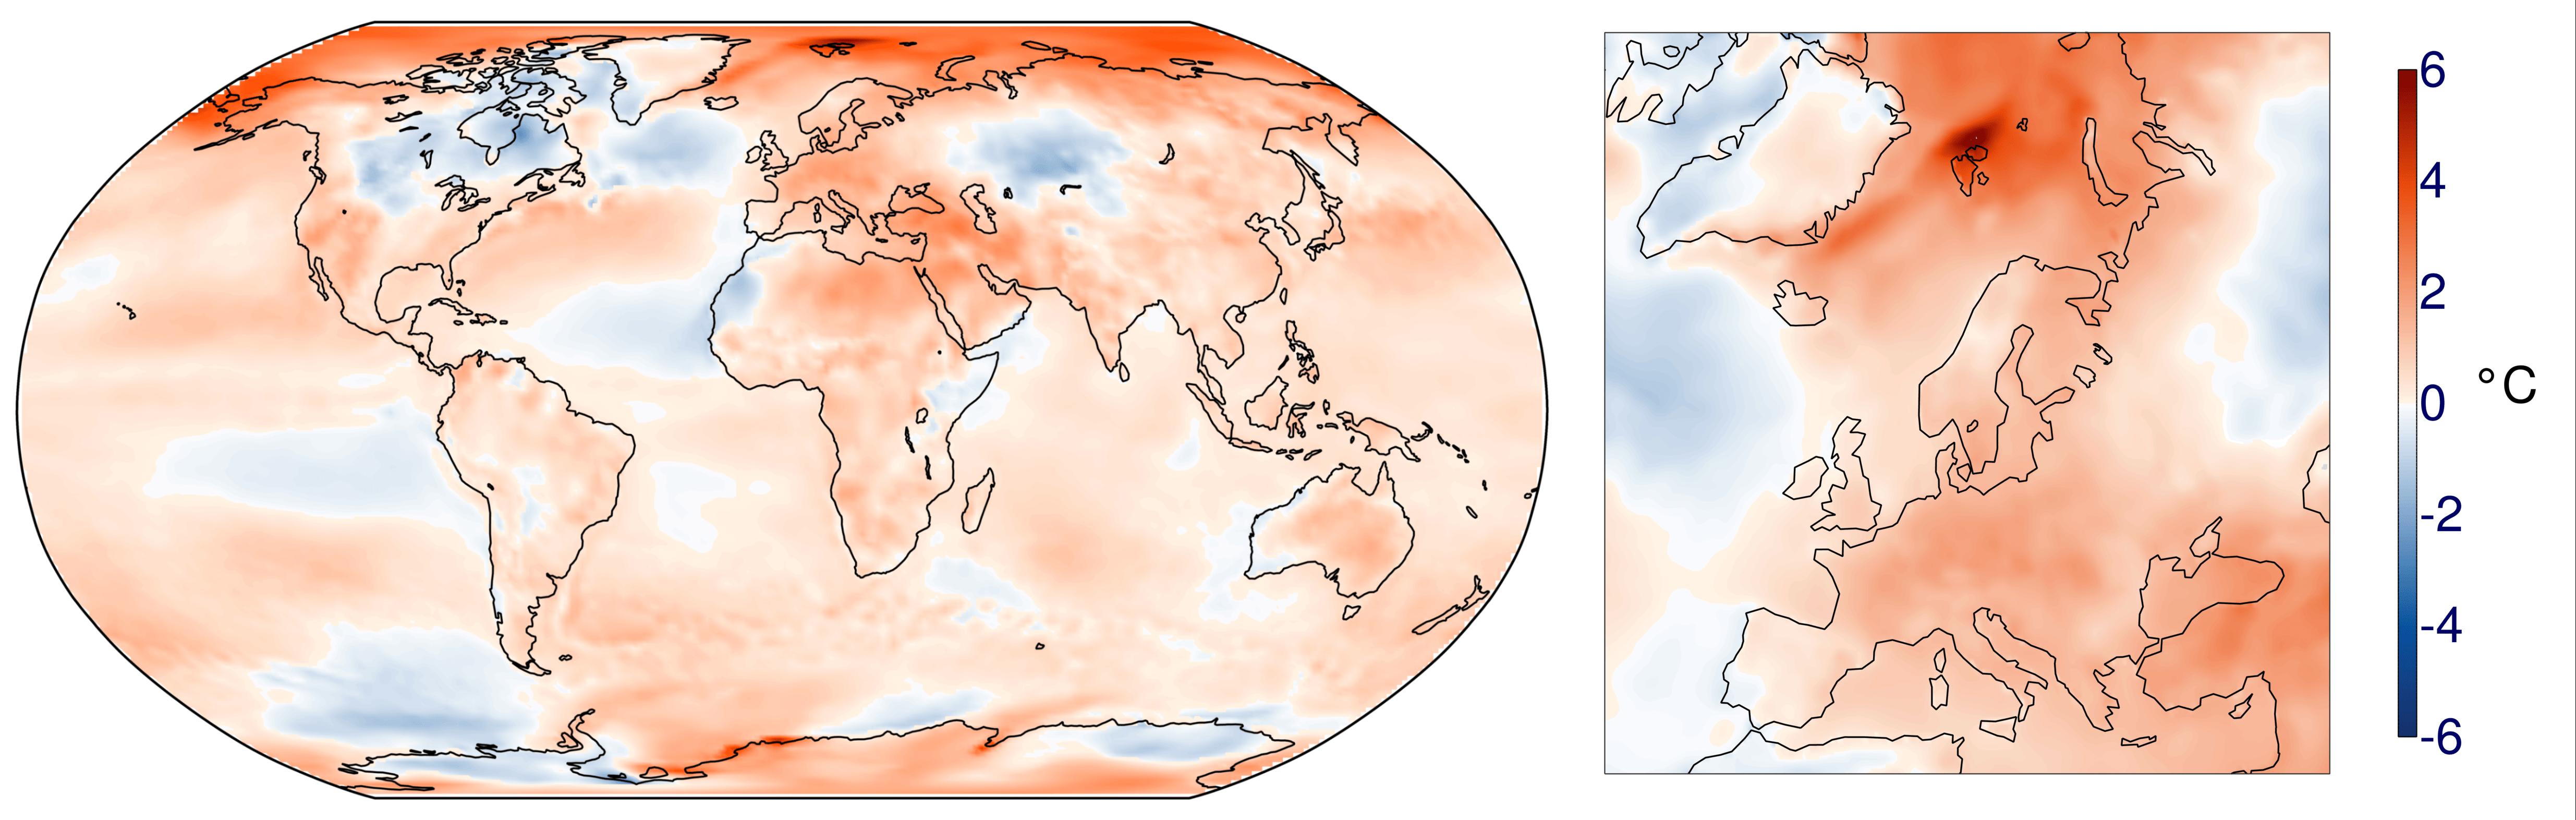 2018 : 4e année la plus chaude sur Terre, d'après NCEP-NCAR et ECMWF